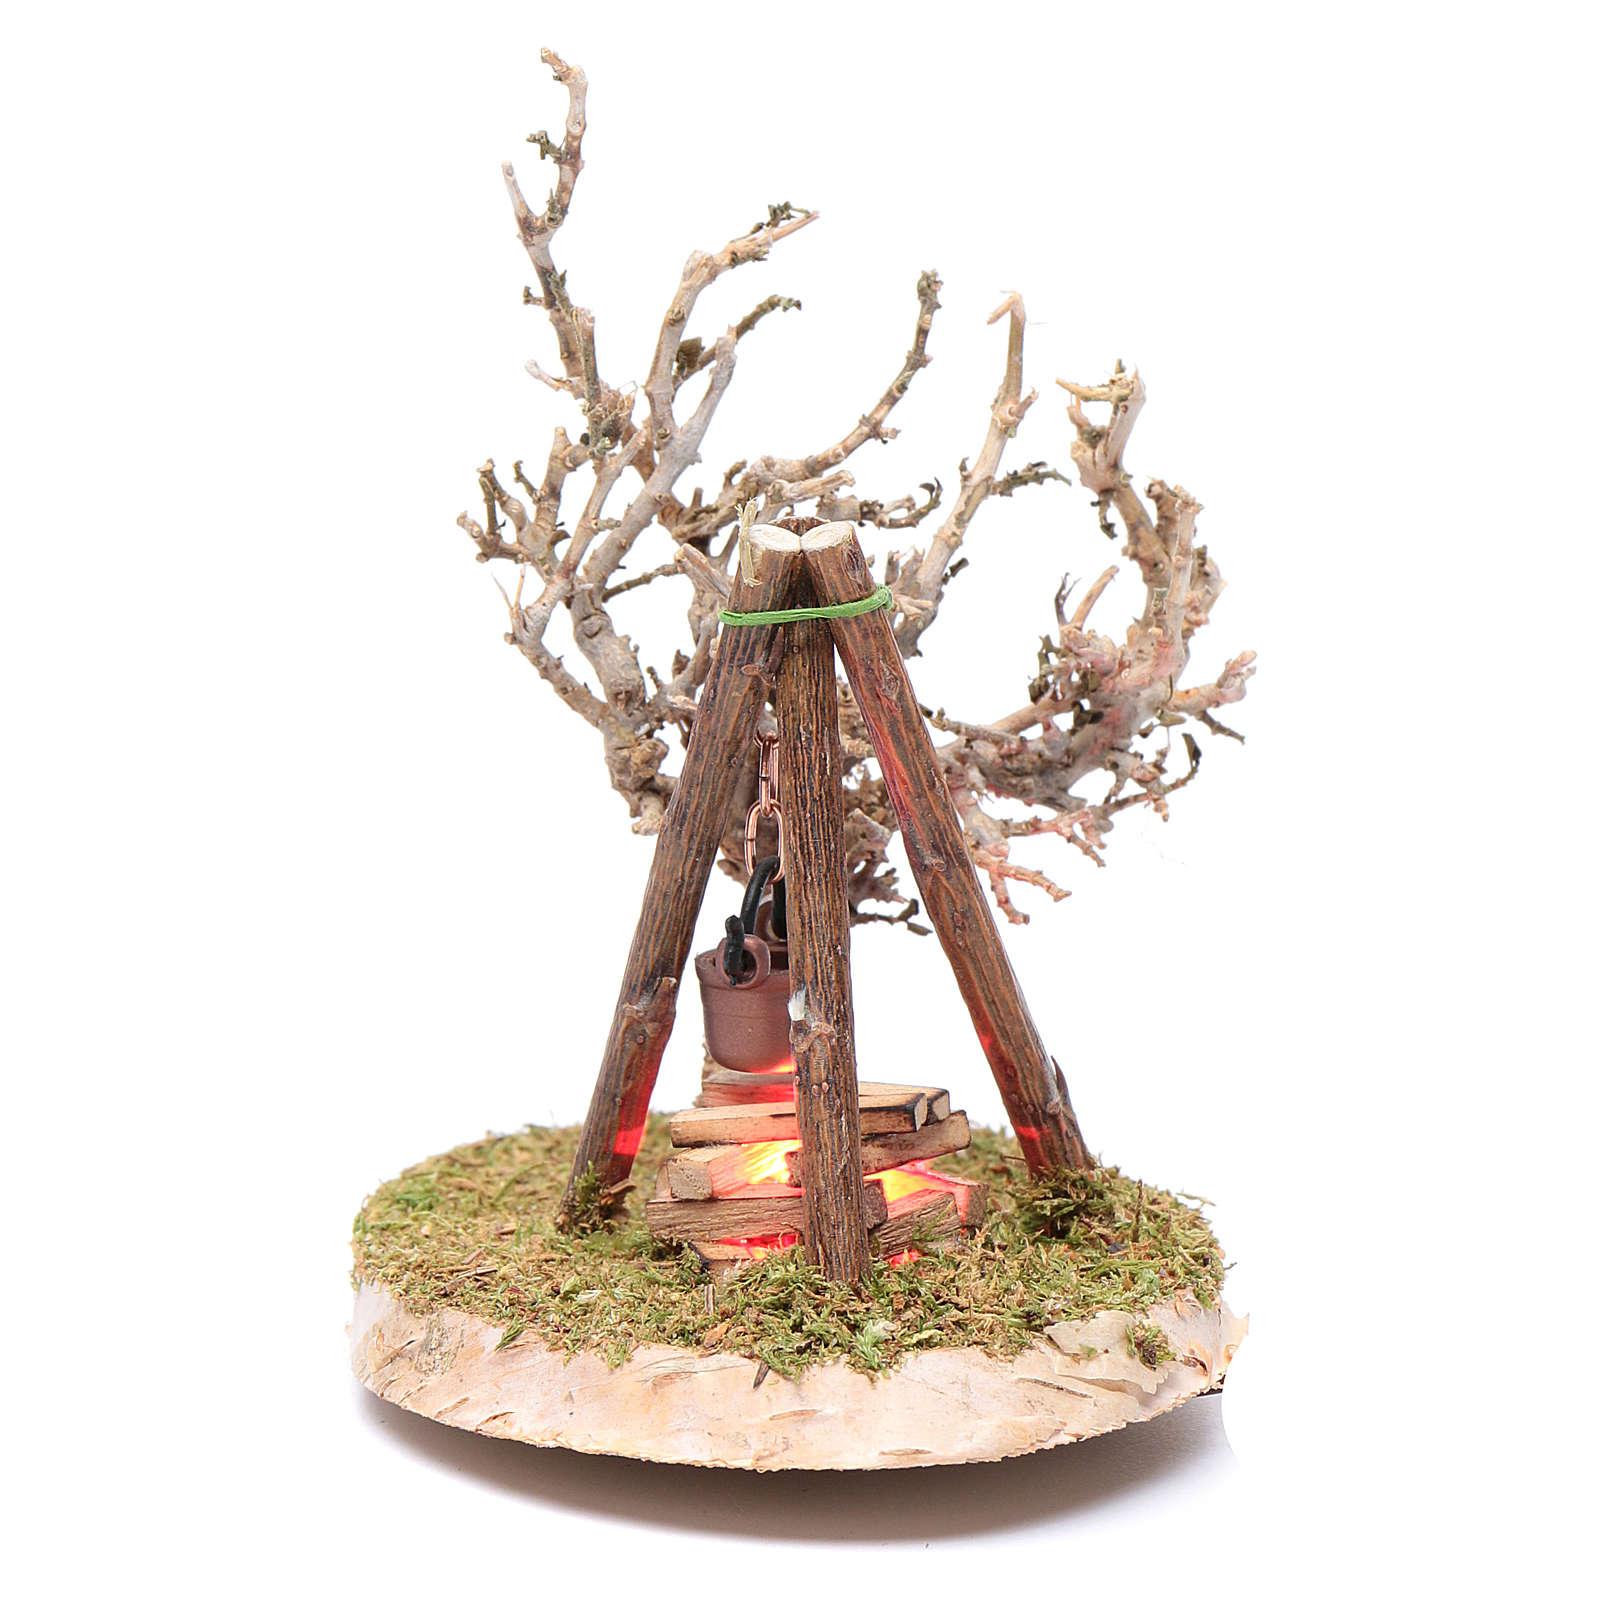 Olla sobre fuego accesorios belén 10x10x5 cm 4